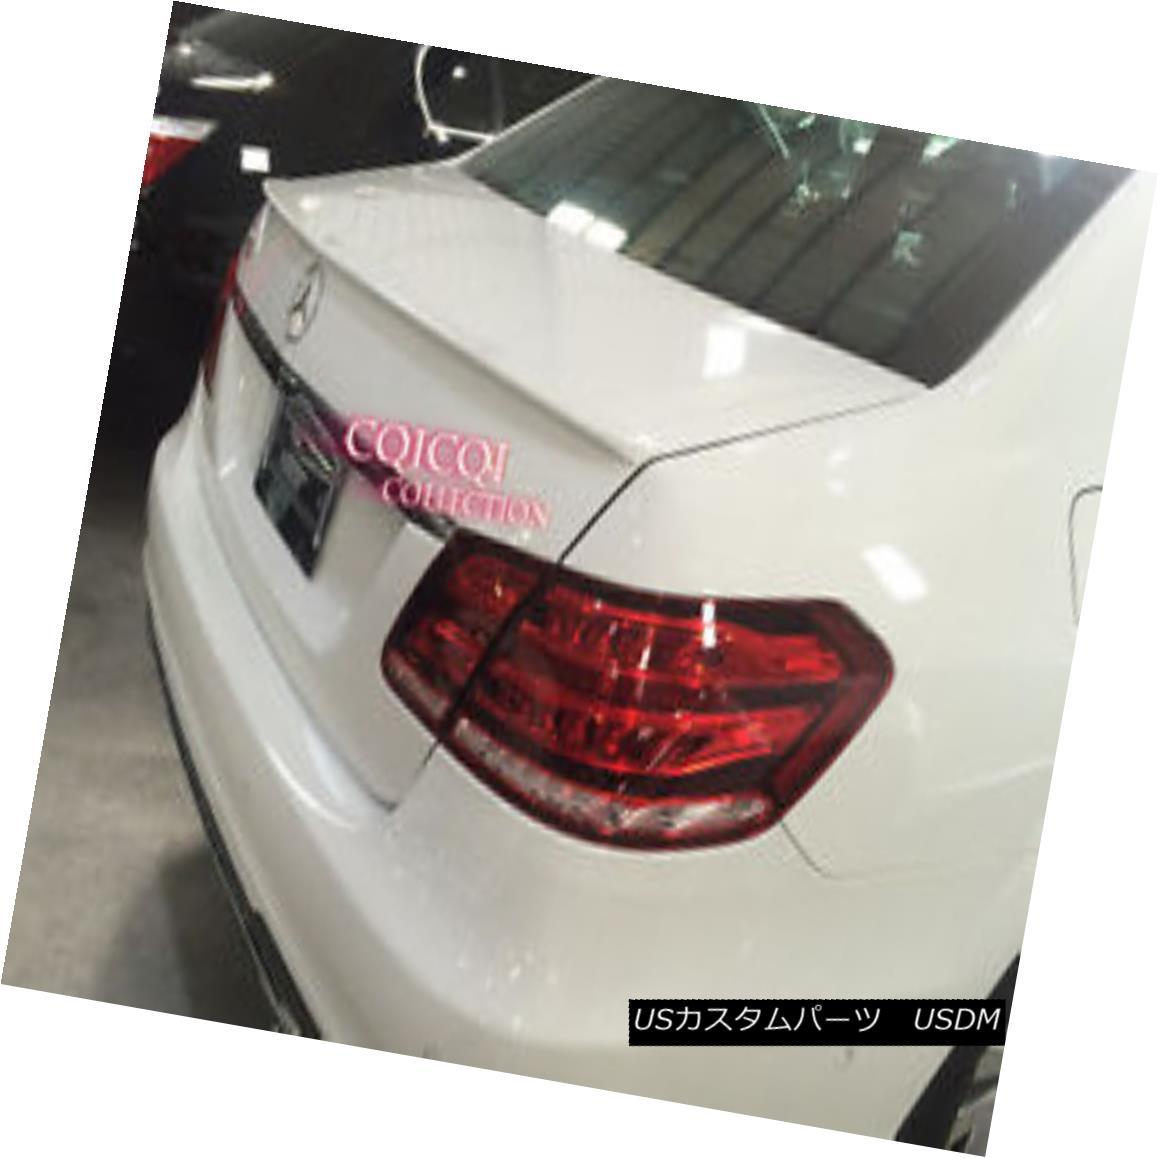 エアロパーツ Painted M-BENZ 10~16 W212 E class AMG type trunk spoiler color-799 white◎ 塗装されたMベンツ10?16 W212 EクラスAMGタイプのトランクスポイラーカラー-799ホワイト?